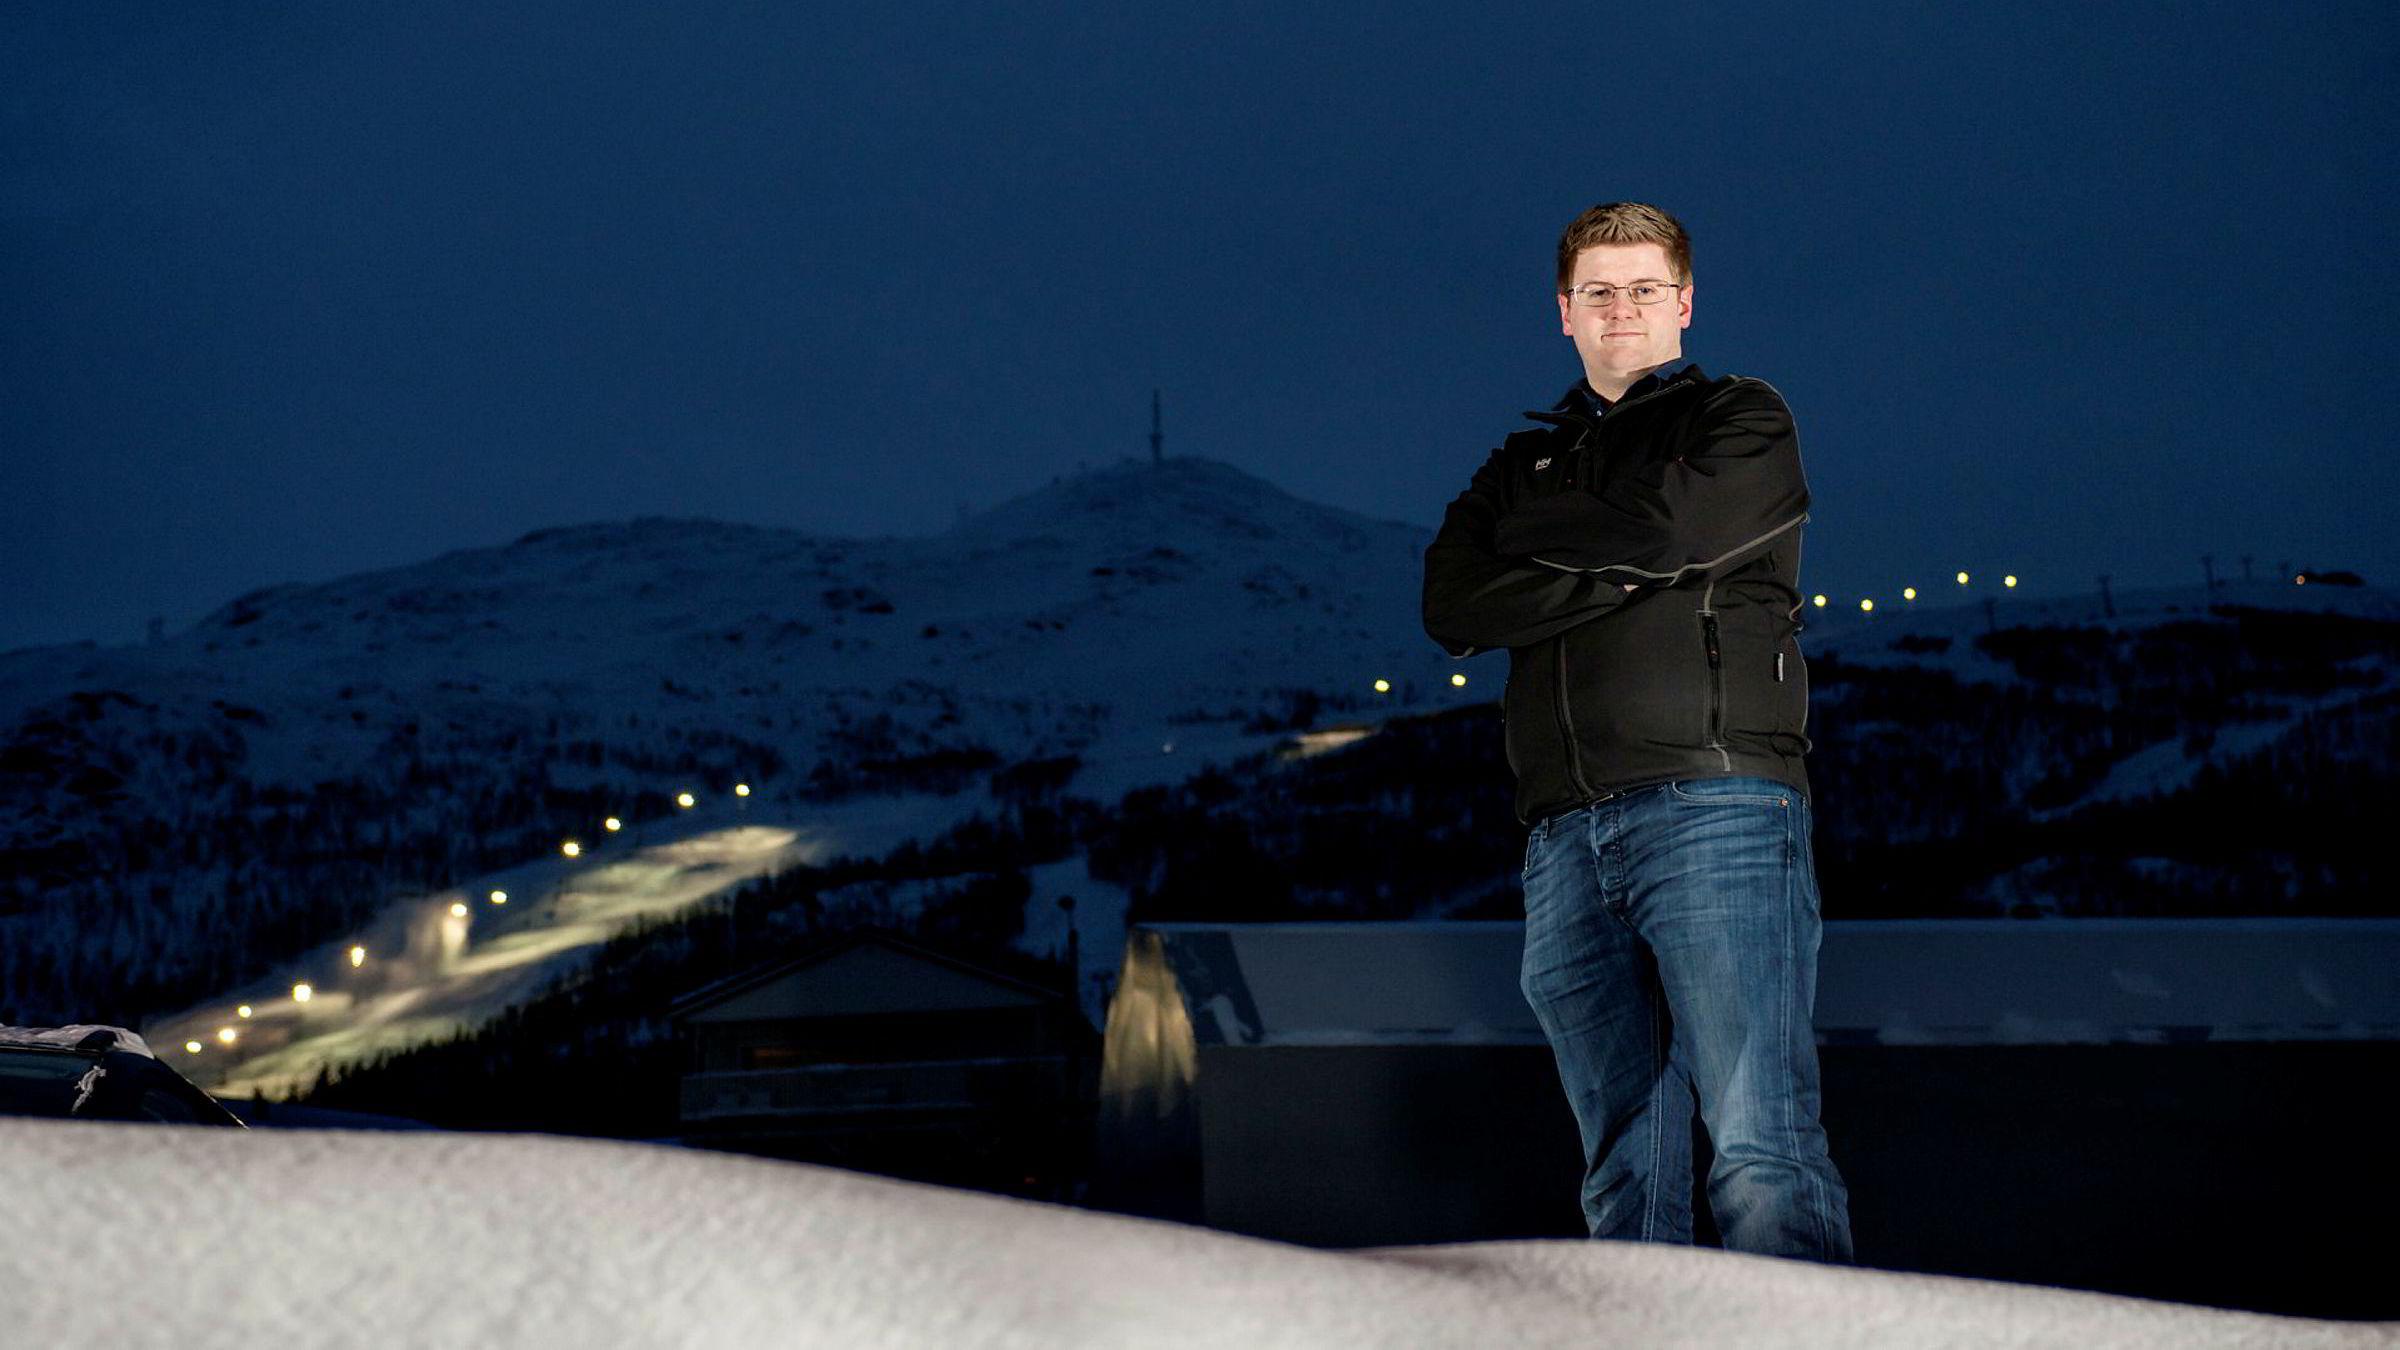 Jon-Inge Fæster (27) ville ikke bruke tre år på studiespesialiserende fag på videregående. Han tok i stedet fagbrev som rørlegger og søkte seg inn på ingeniørutdannelse via den såkalte«y-veien».